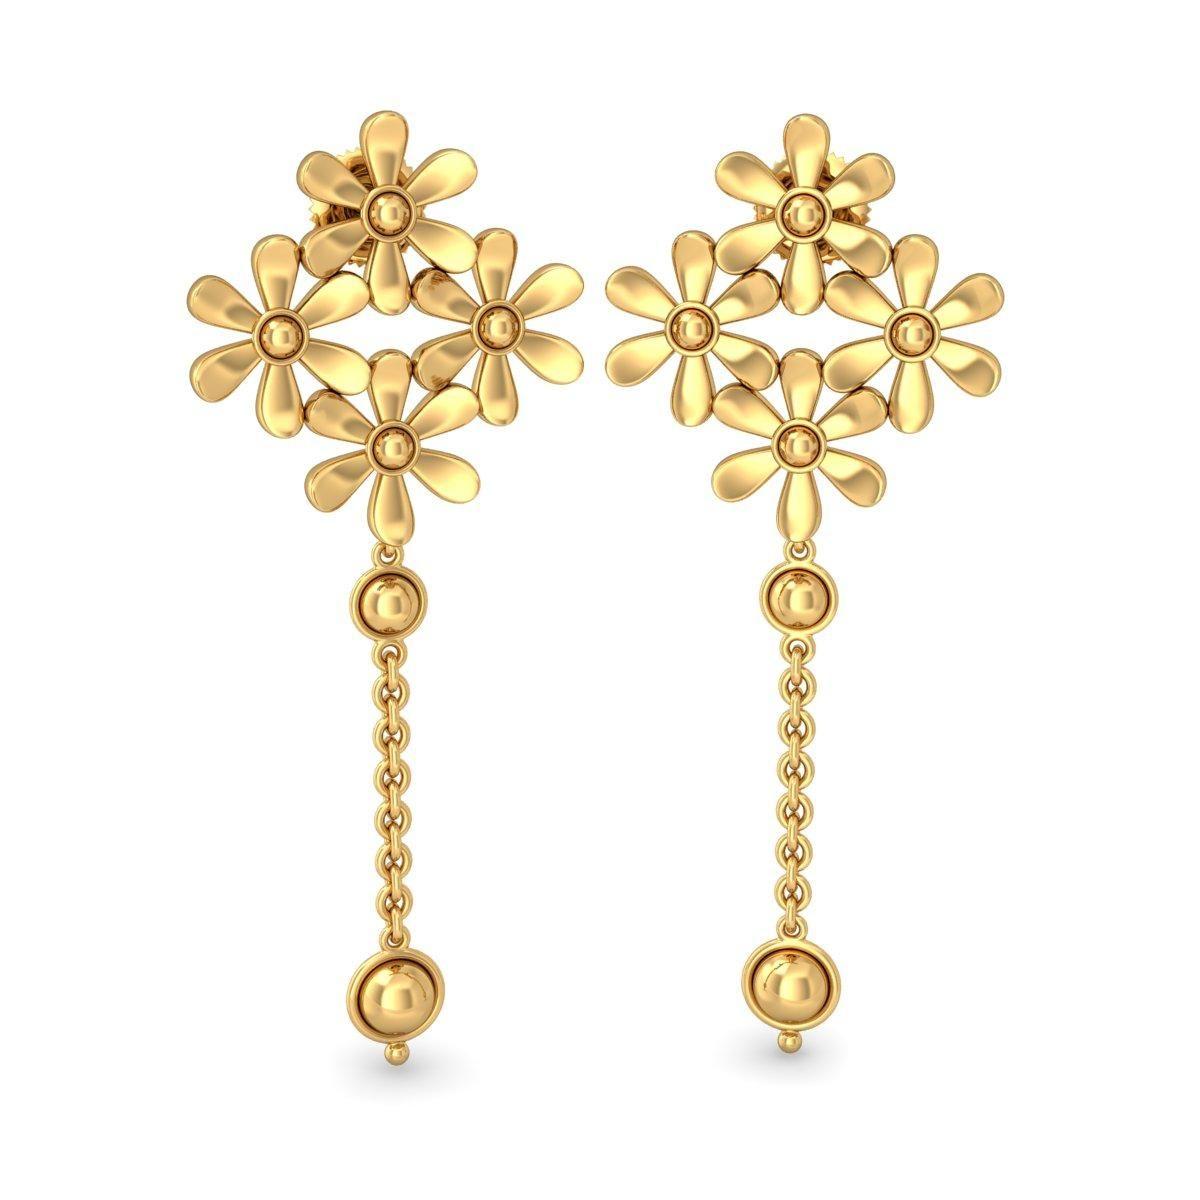 #bluestone #jewelry #gold #showstopper #nicole #earrings #fresh #charm